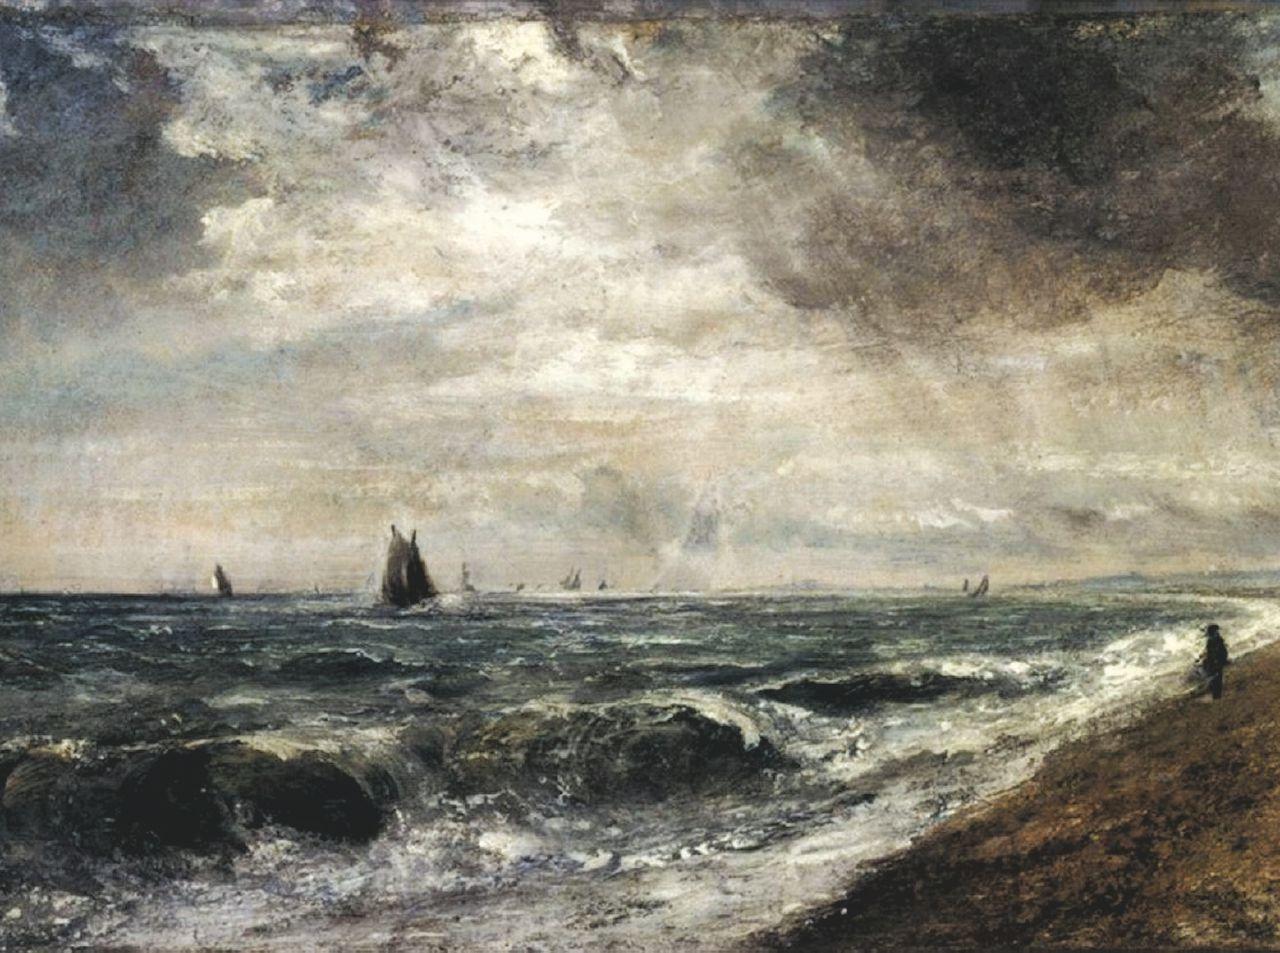 Dalla gran tempesta di Defoe a FitzRoy, capitano di Darwin